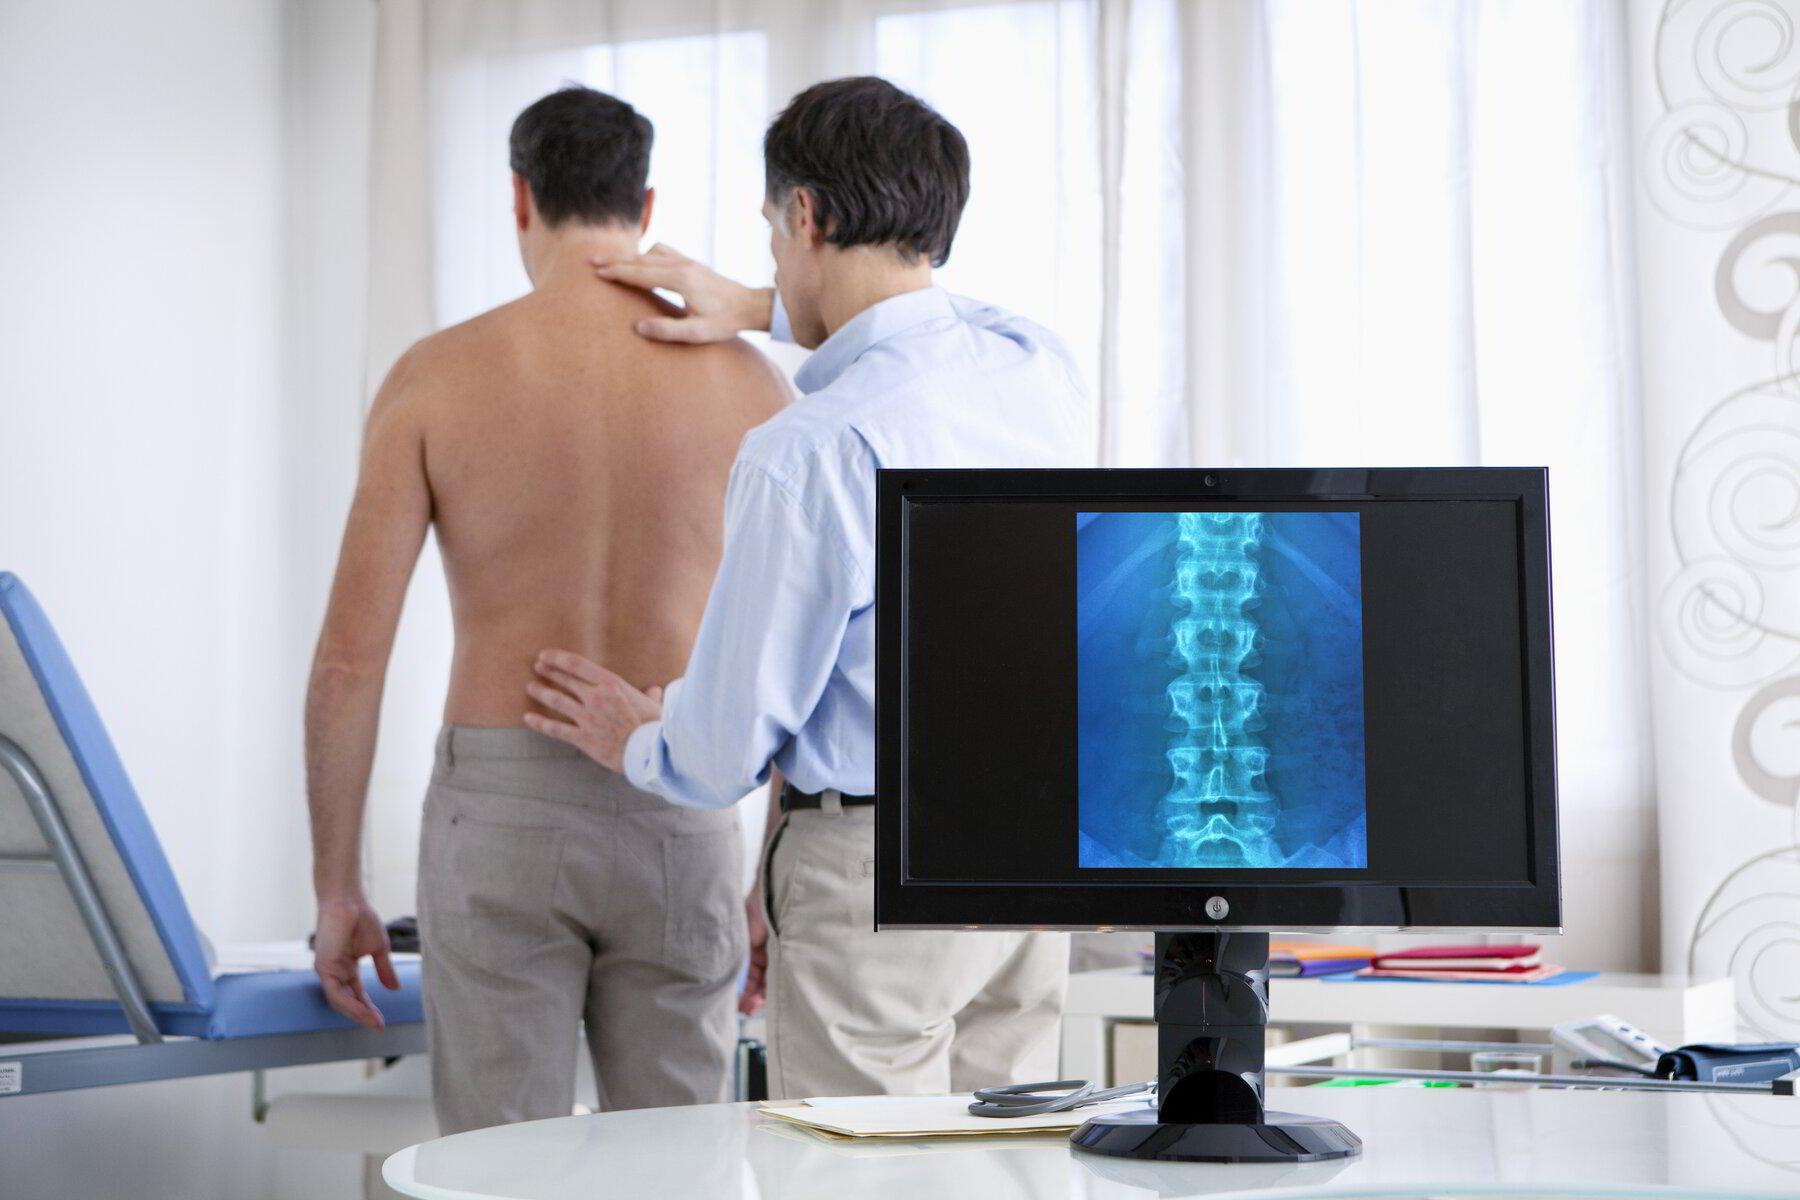 Greenville_Spine_Institute_Examination-6020074